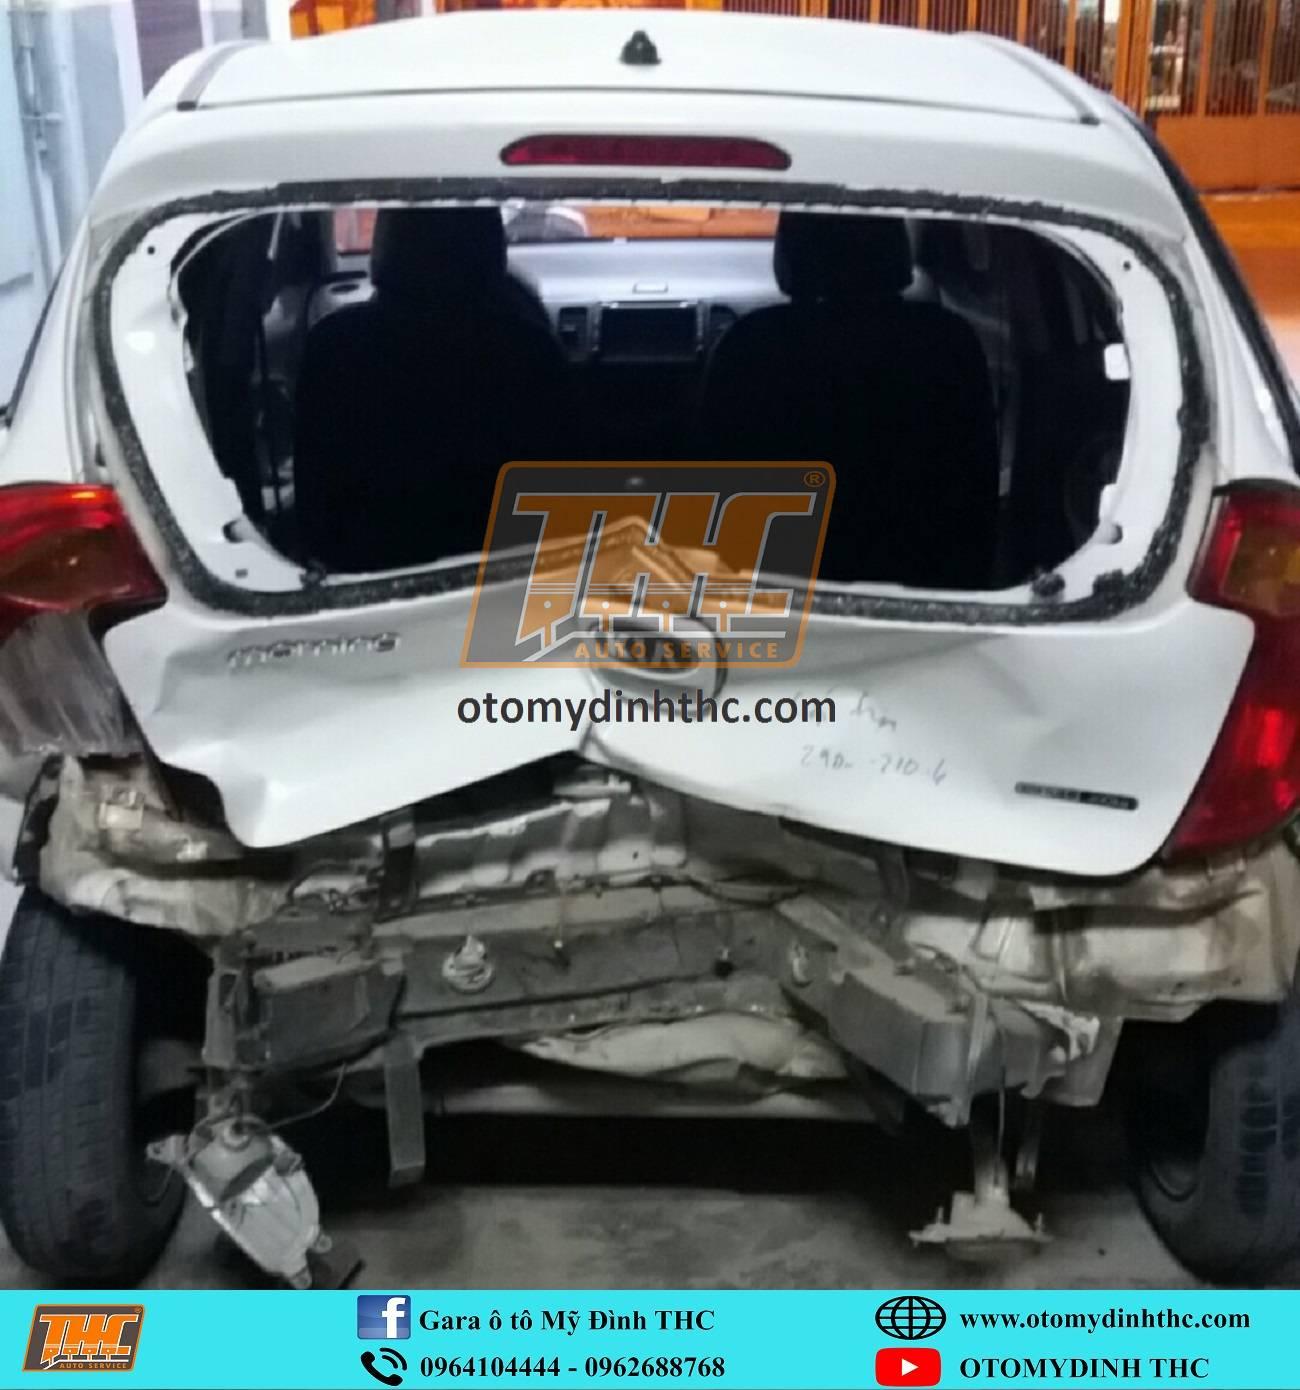 Phục hồi sửa chữa xe tai nạn